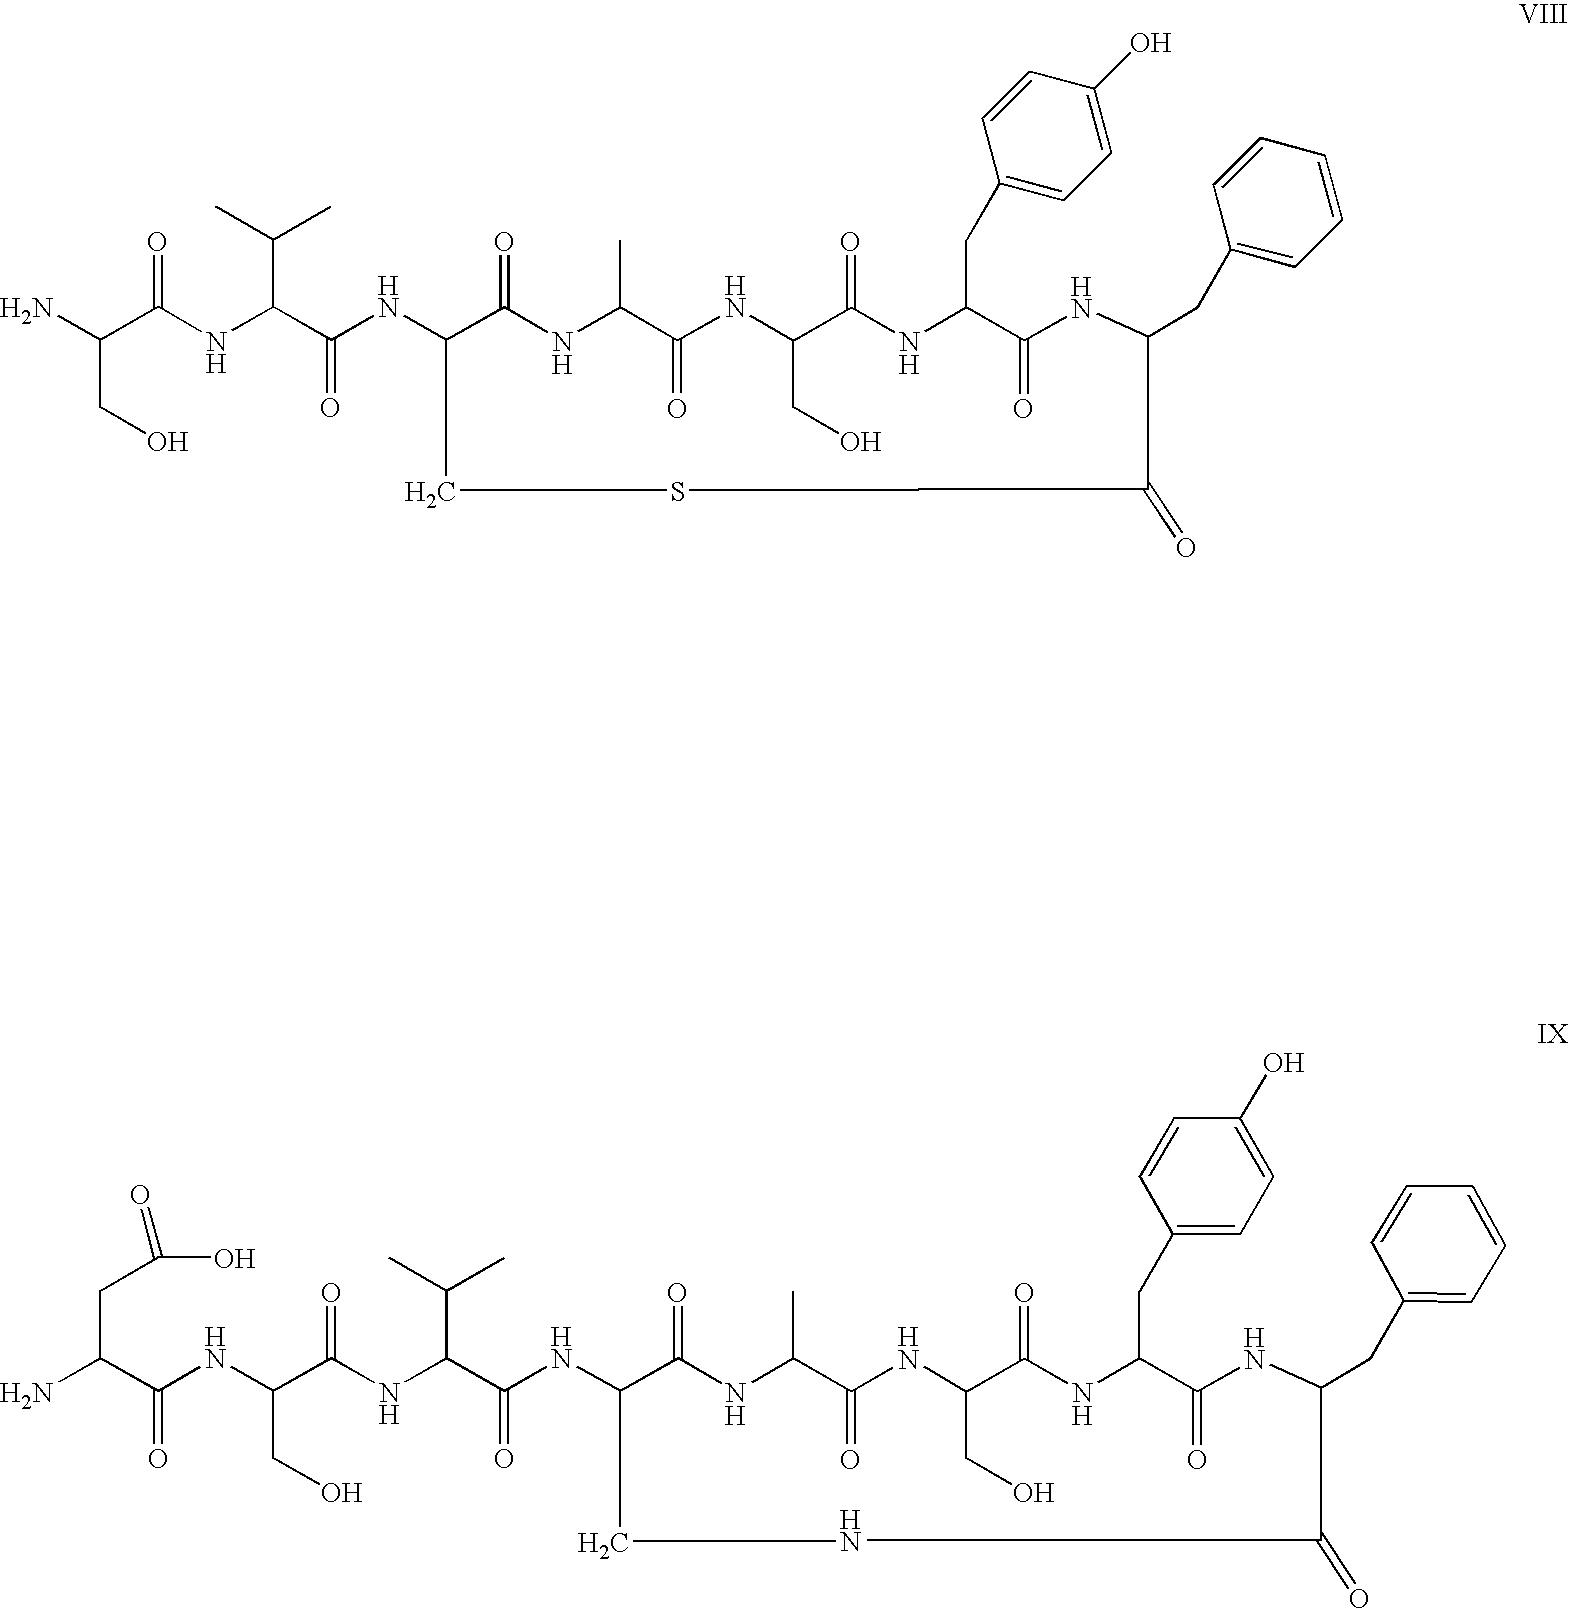 Figure US20040180829A1-20040916-C00009